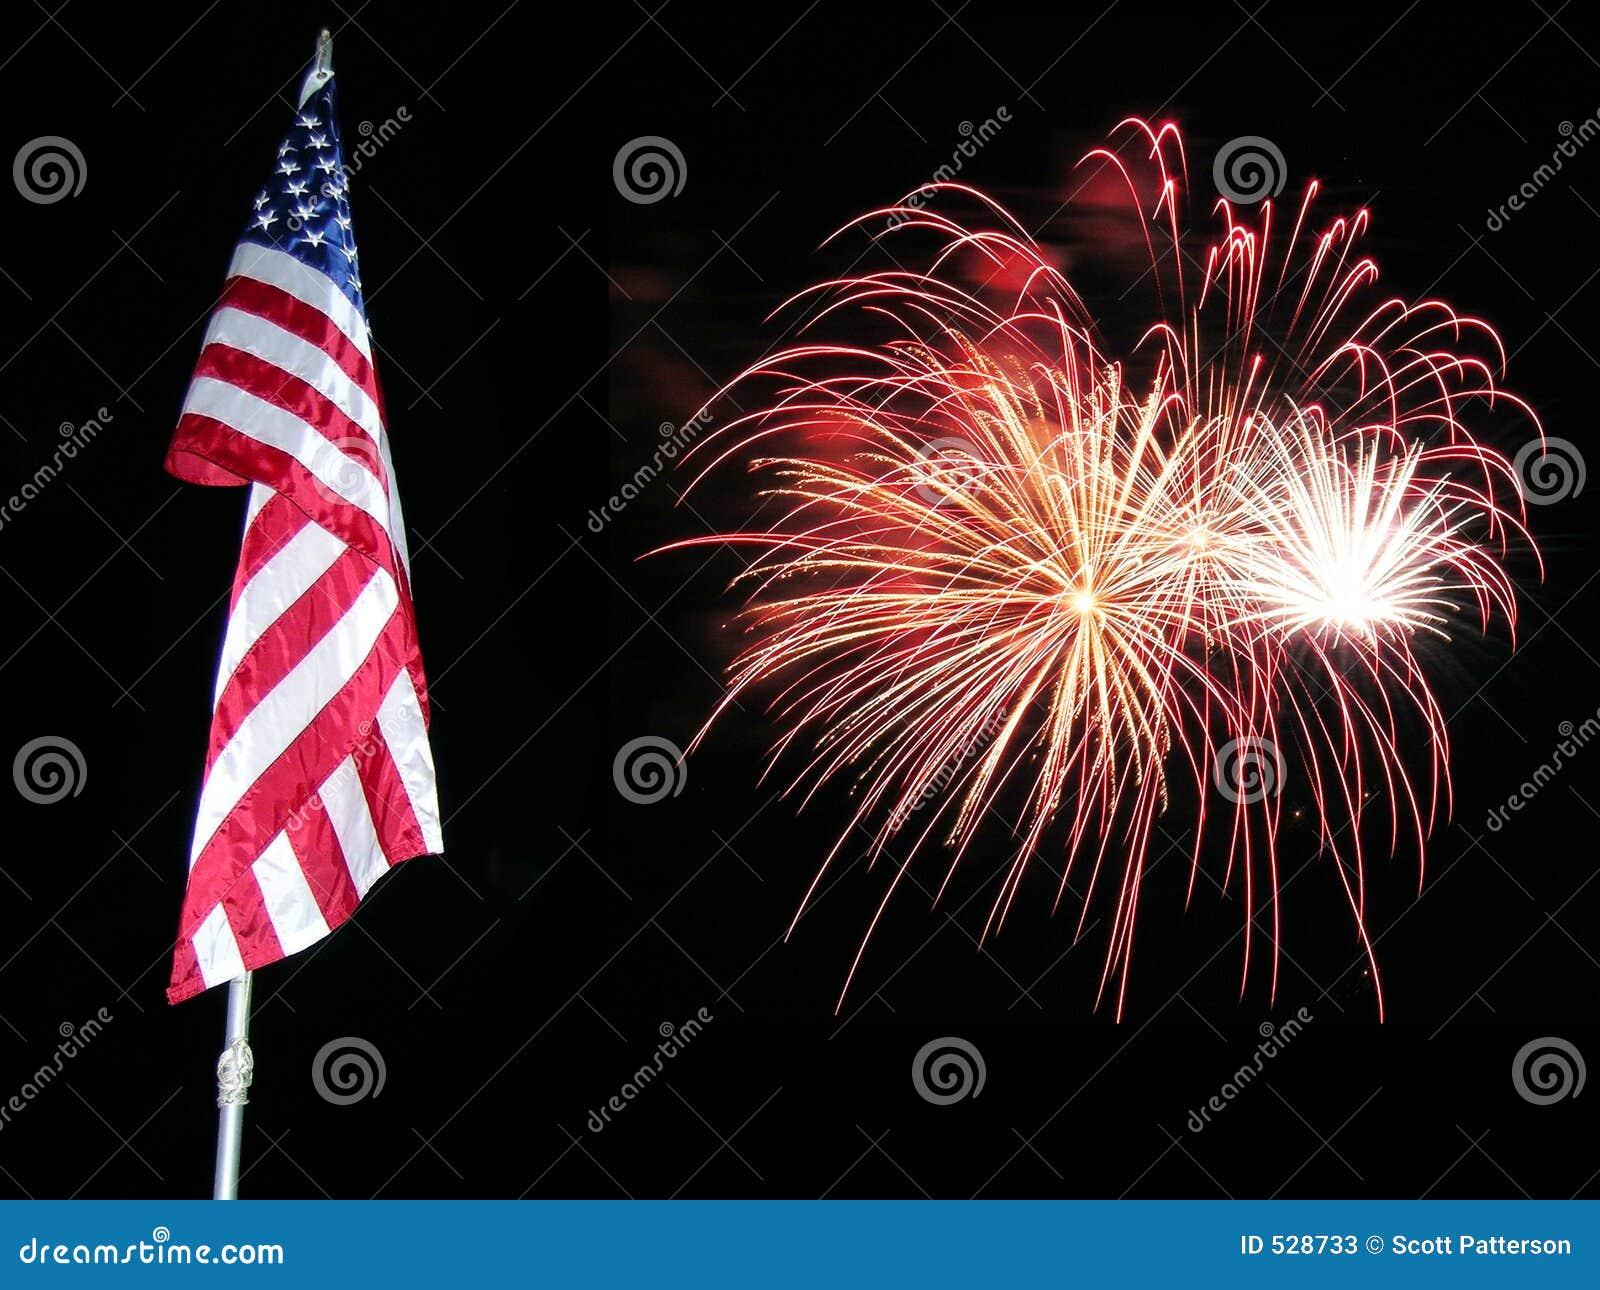 Download 3烟花标志 库存图片. 图片 包括有 标志, 节假日, 晚上, 照亮, 显示, 背包, 严重, 荣耀, 庆祝 - 528733